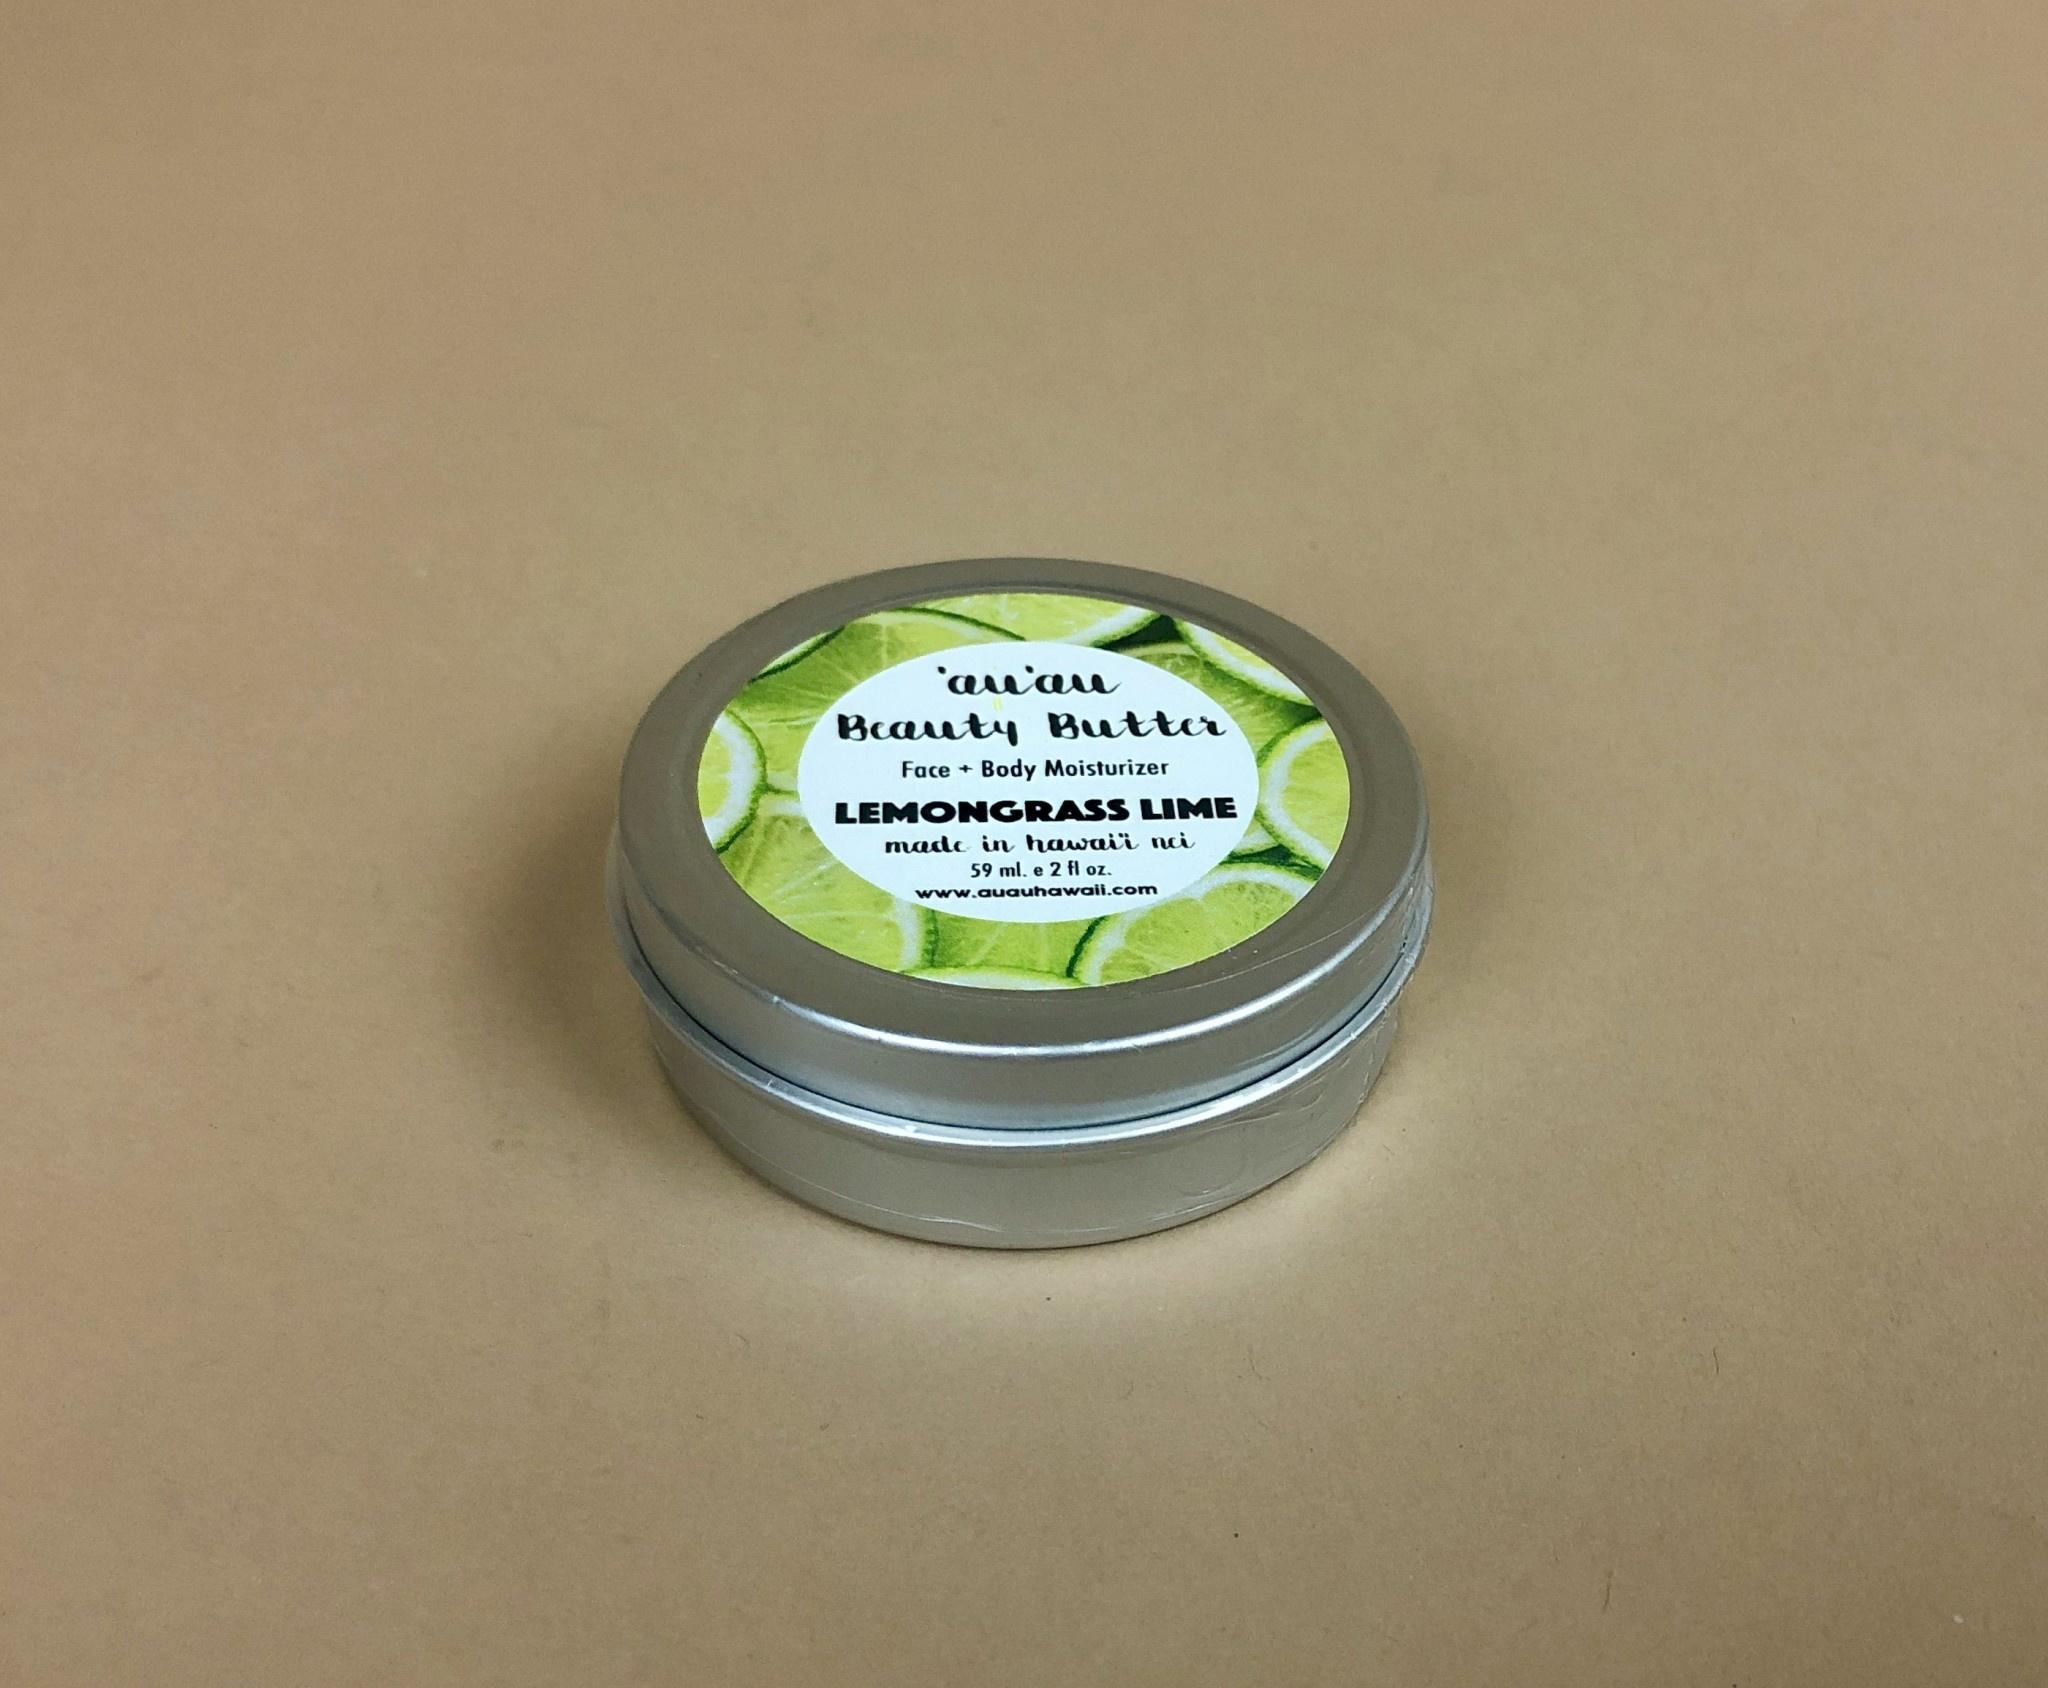 Hana Hou 'Au'au Beauty Butter Lemongrass Lime